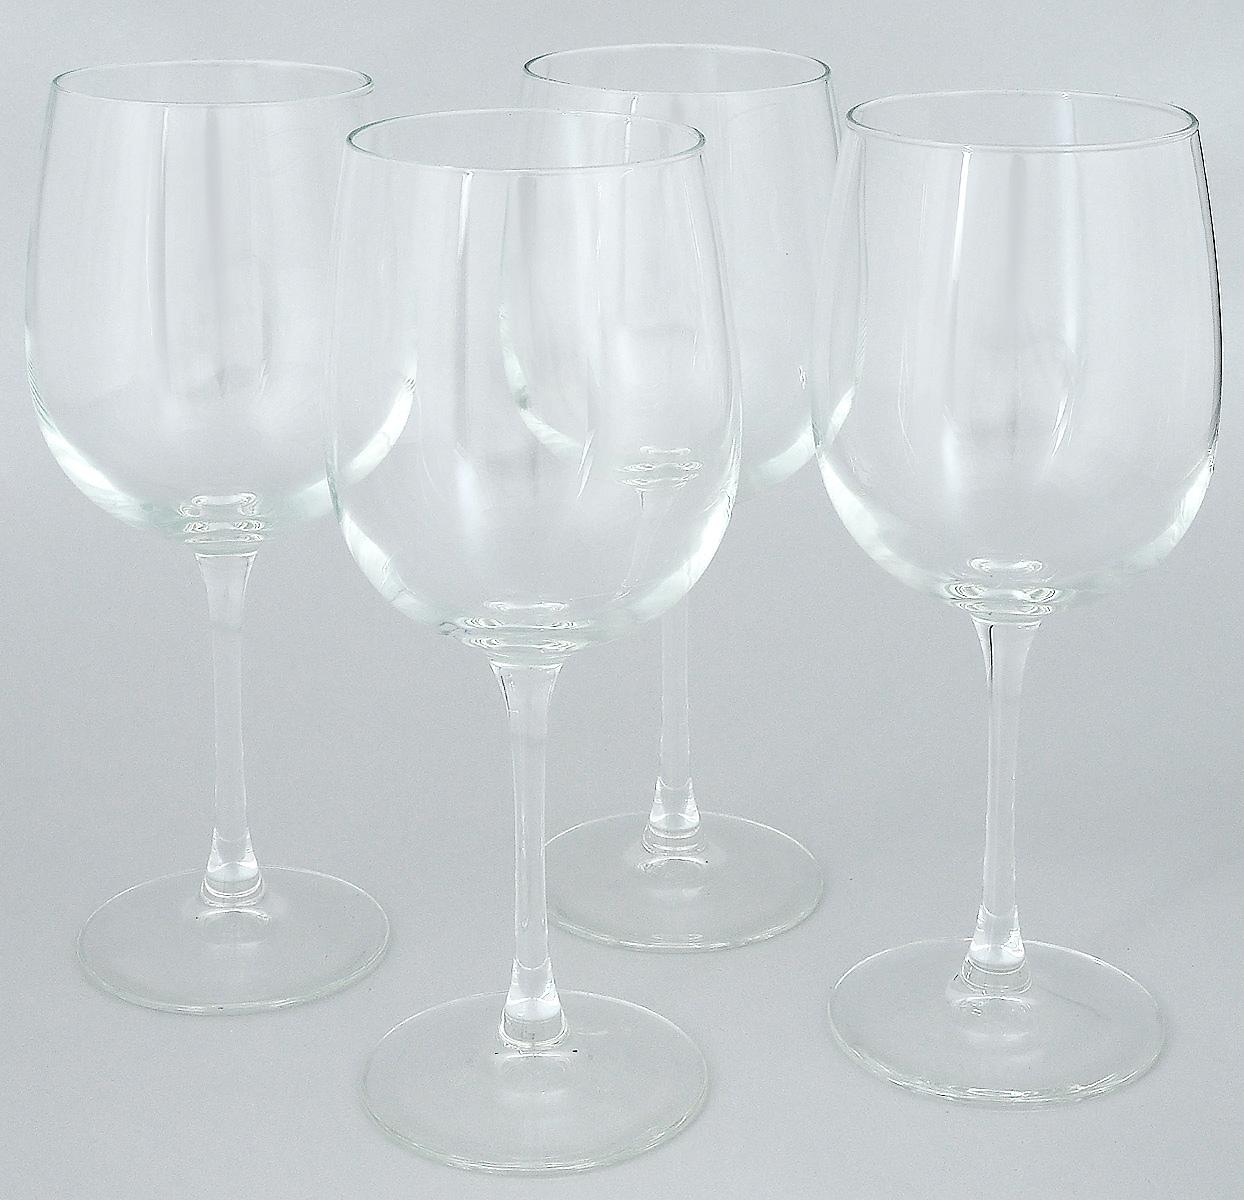 Набор фужеров для вина Luminarc Allegresse, 550 мл, 4 штL1403Набор Luminarc Allegresse состоит из четырех фужеров, выполненных из прочного стекла. Изделия оснащены высокими ножками. Фужеры предназначены для подачи вина. Они сочетают в себе элегантный дизайн и функциональность. Благодаря такому набору пить напитки будет еще вкуснее. Набор фужеров Luminarc Allegresse прекрасно оформит праздничный стол и создаст приятную атмосферу за романтическим ужином. Такой набор также станет хорошим подарком к любому случаю. Можно мыть в посудомоечной машине. Диаметр фужера (по верхнему краю): 7,5 см. Высота фужера: 23 см.